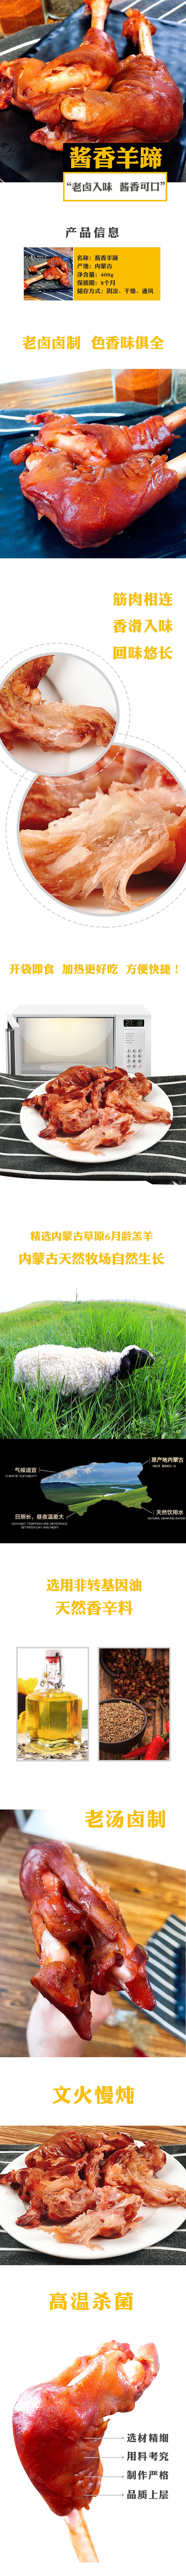 小肥羊食品 酱香羊蹄 400g/2只 图2